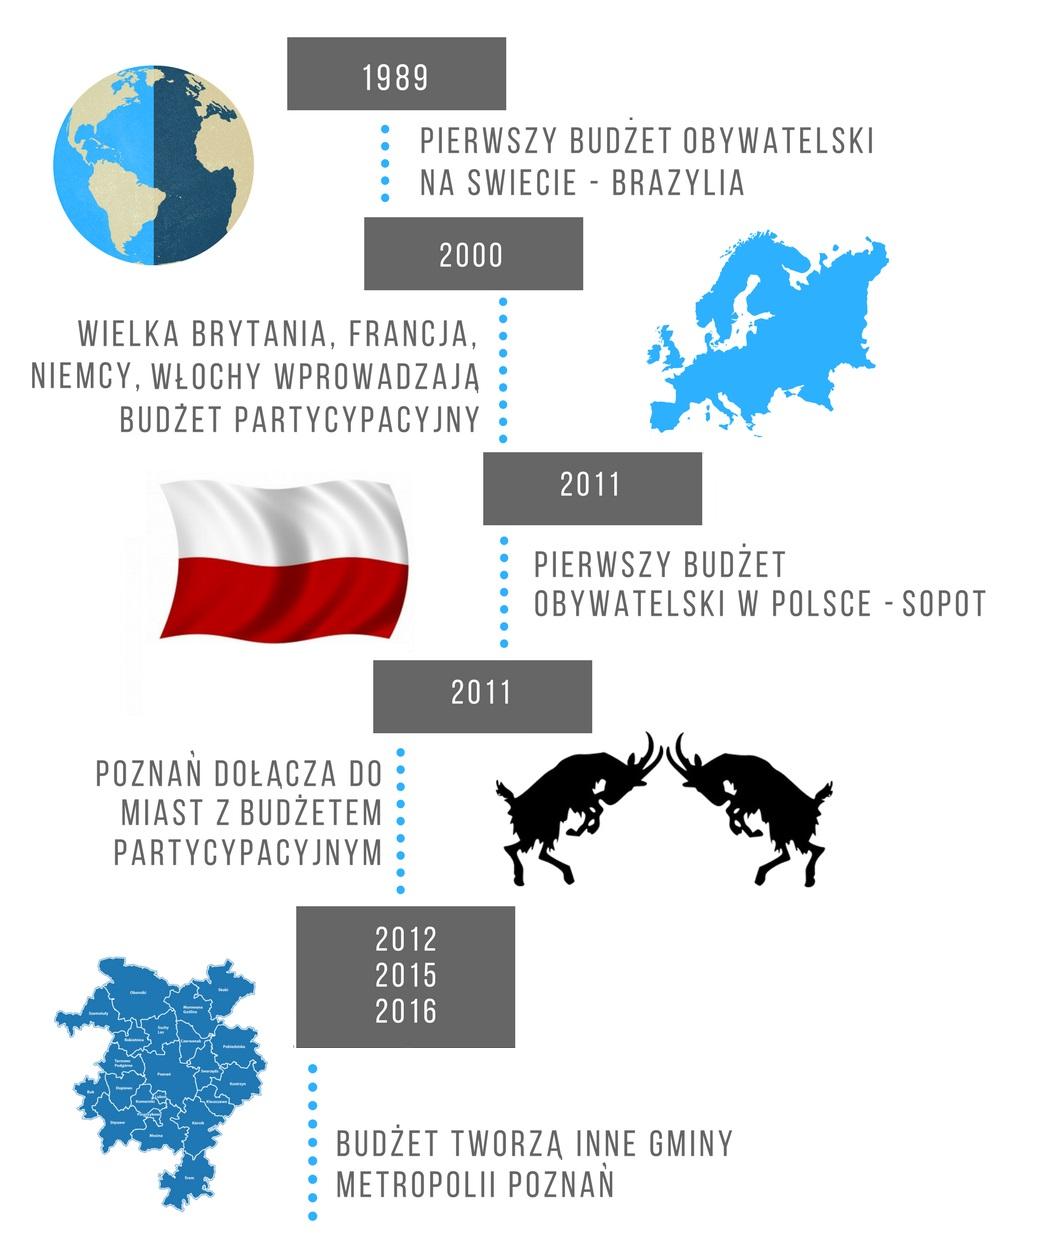 infografika prezentująca historię budżetów obywatelskich na świecie